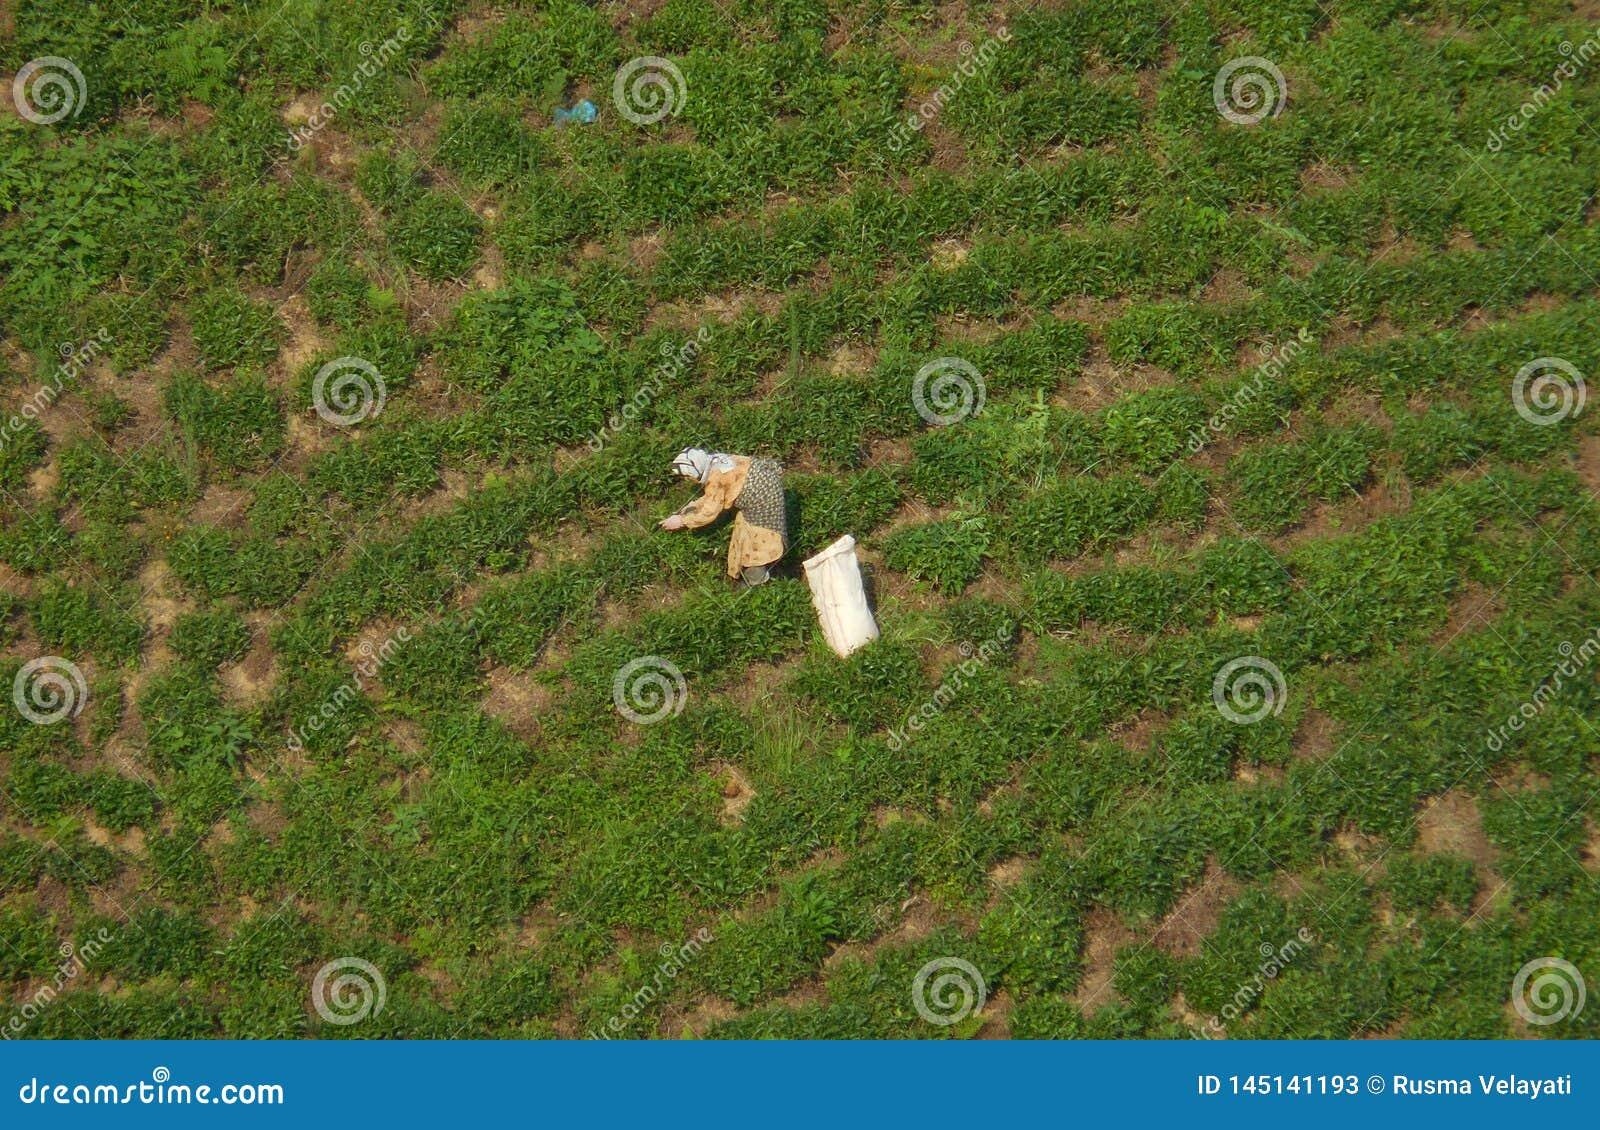 Teepfl?cker, die an Teeplantage arbeiten Szenische Reihen von Teeb?schen und eine l?ndliche Arbeitnehmerin sind im Bild sichtbar: